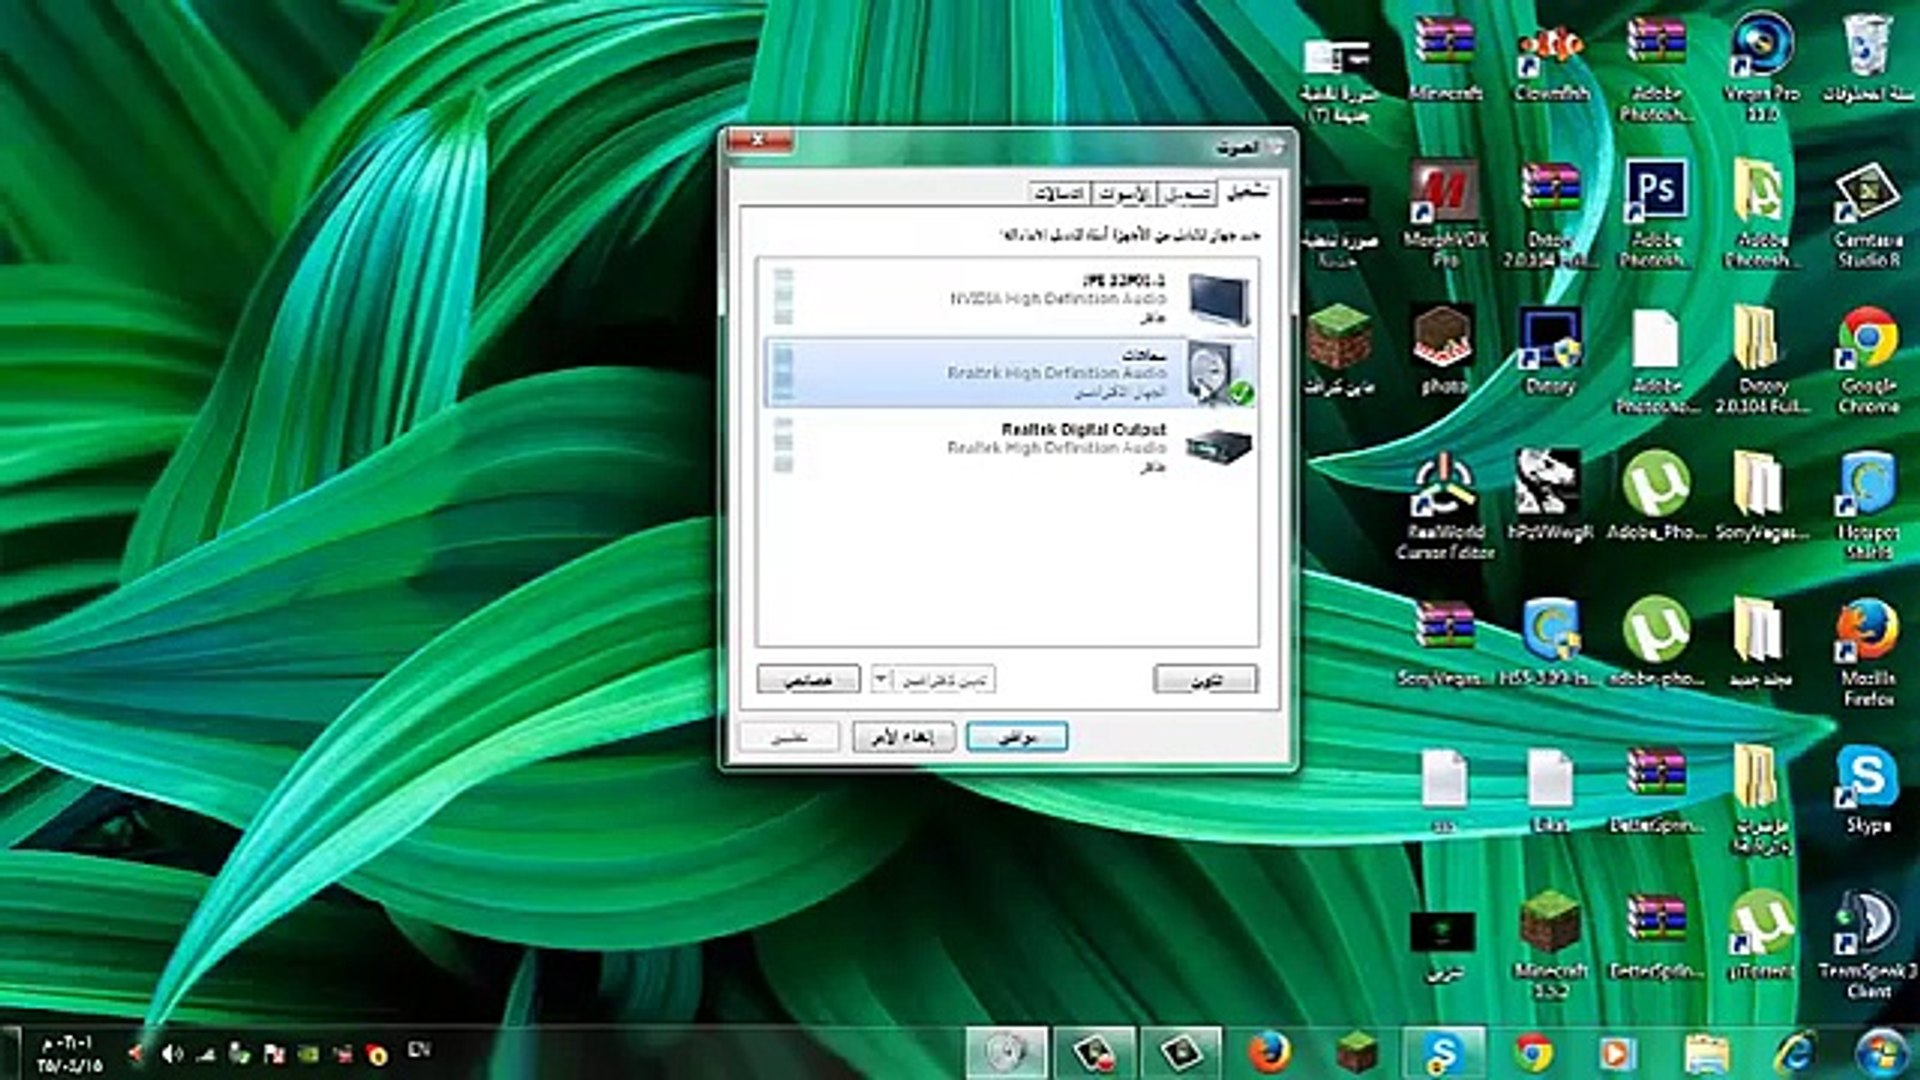 حل مشكلة الصوت المنخفض ويندوز 7 8 Xp Vista